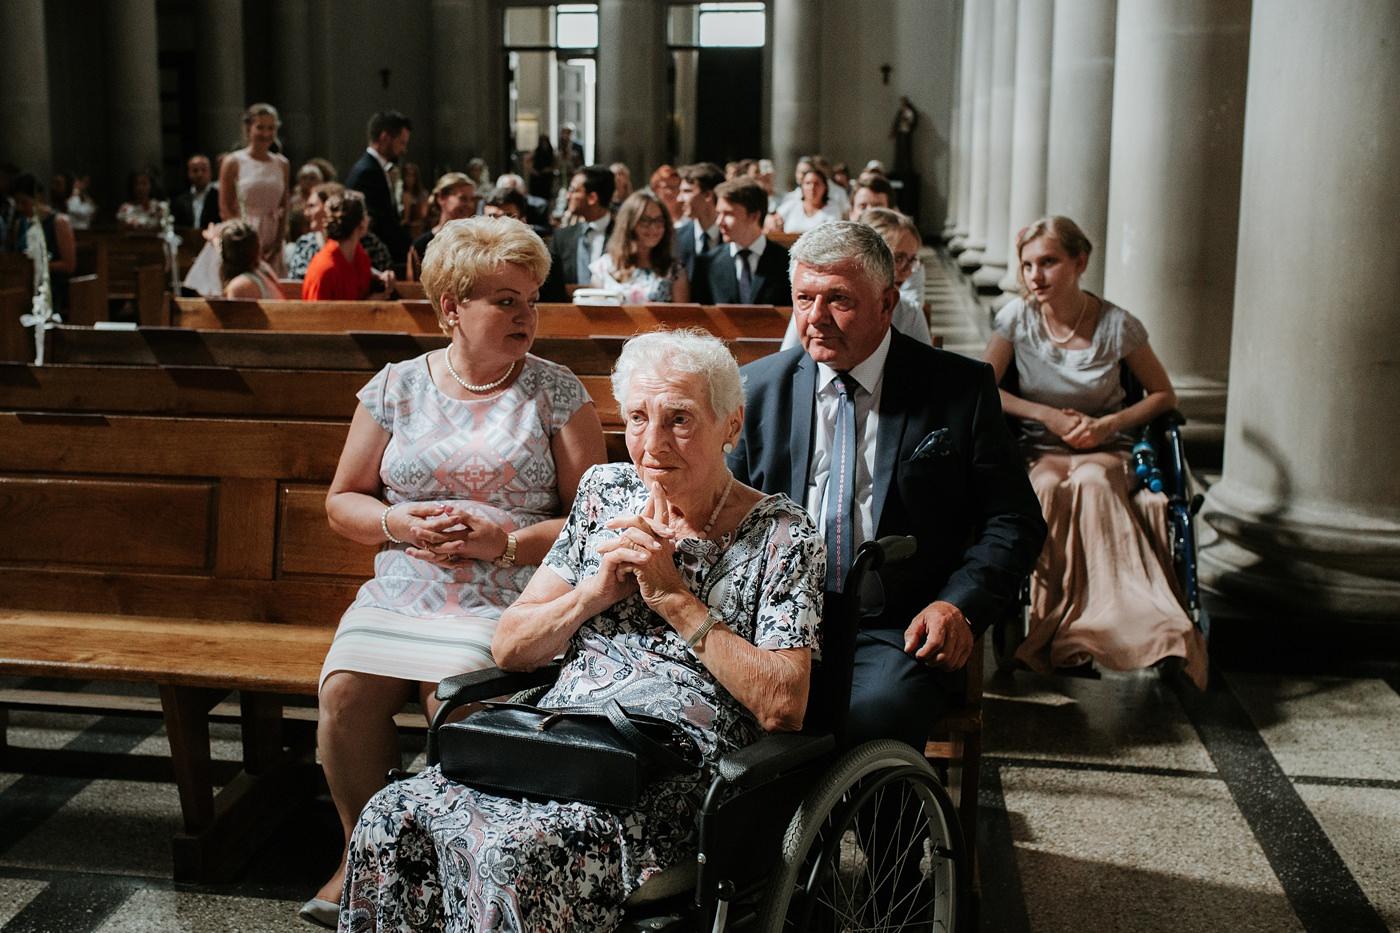 Dominika & Aleksander - Rustykalne wesele w stodole - Baborówko 40